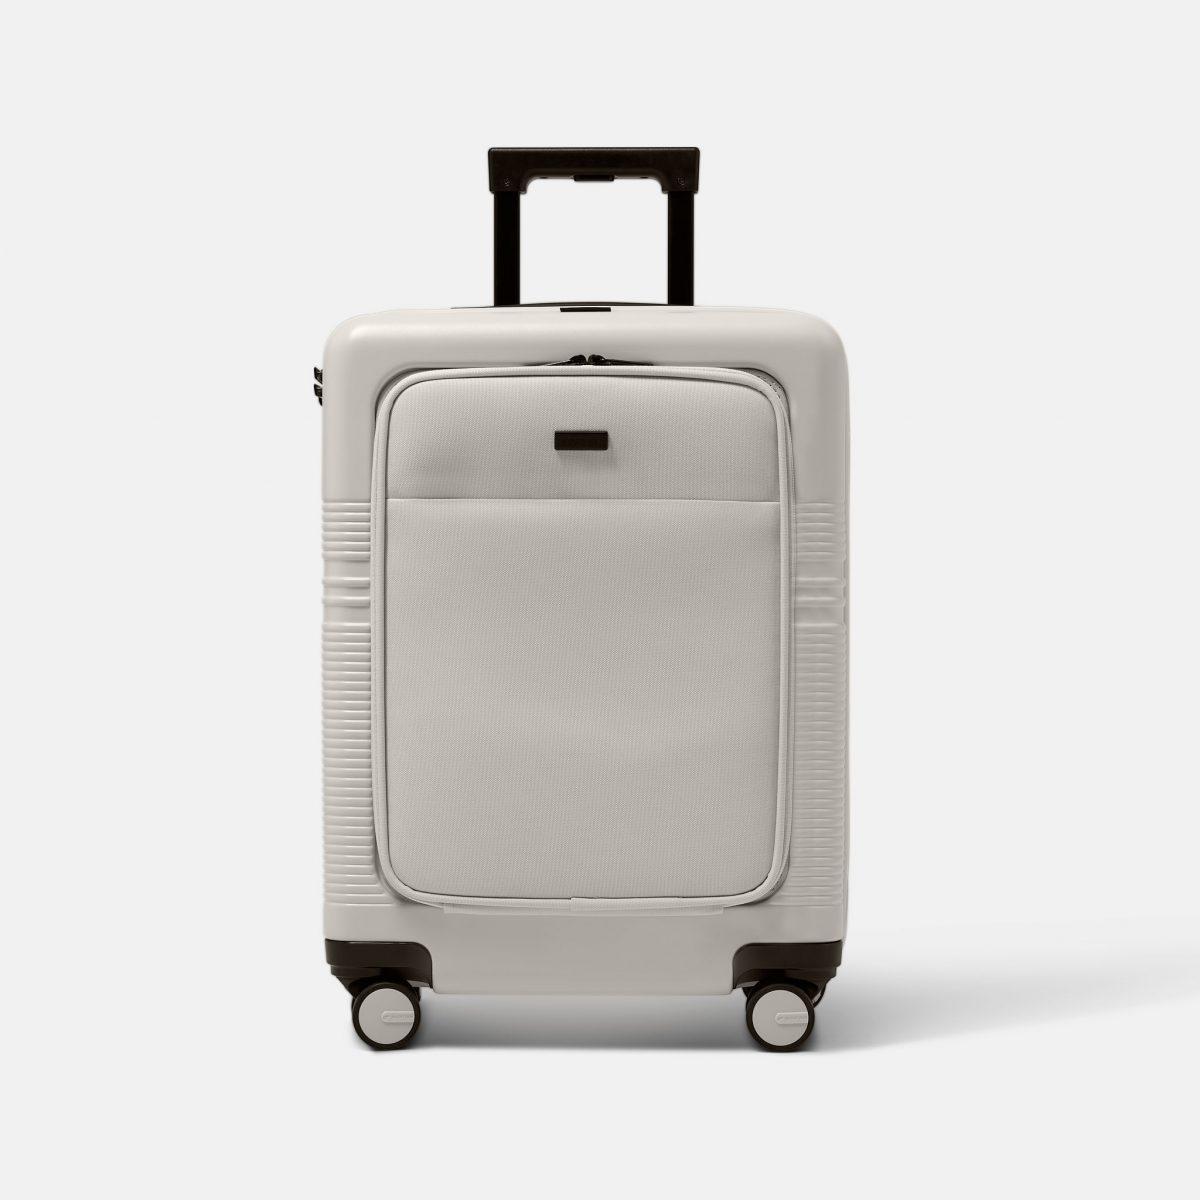 NORTVI sustainable design suitcase wit met laptop vak gemaakt van duurzaam materiaal. Perfecte reis trolley te gebruiken als handbagage.